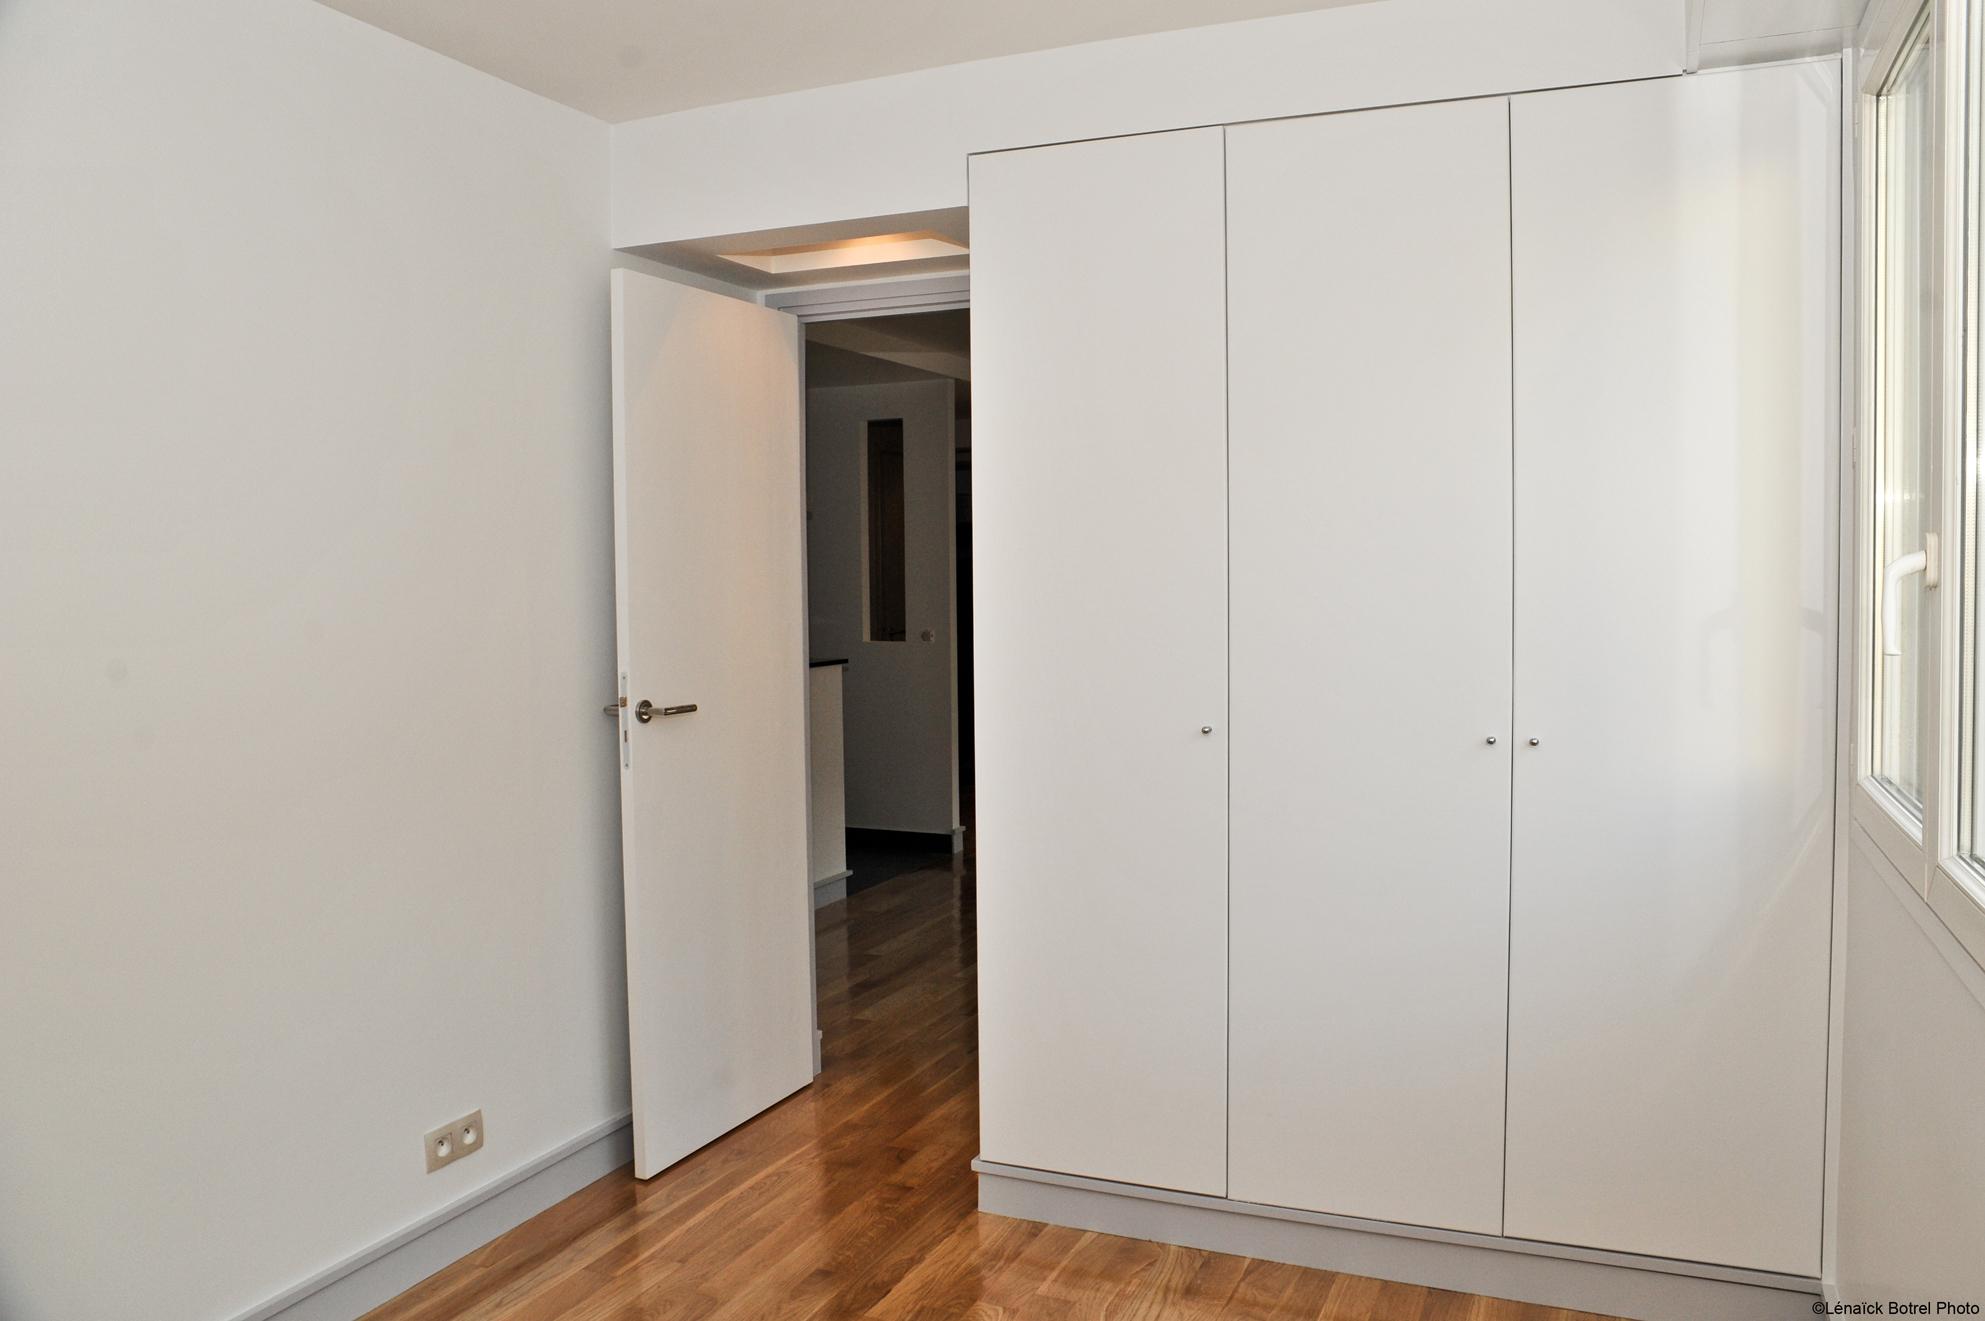 mur mobile immo star. Black Bedroom Furniture Sets. Home Design Ideas